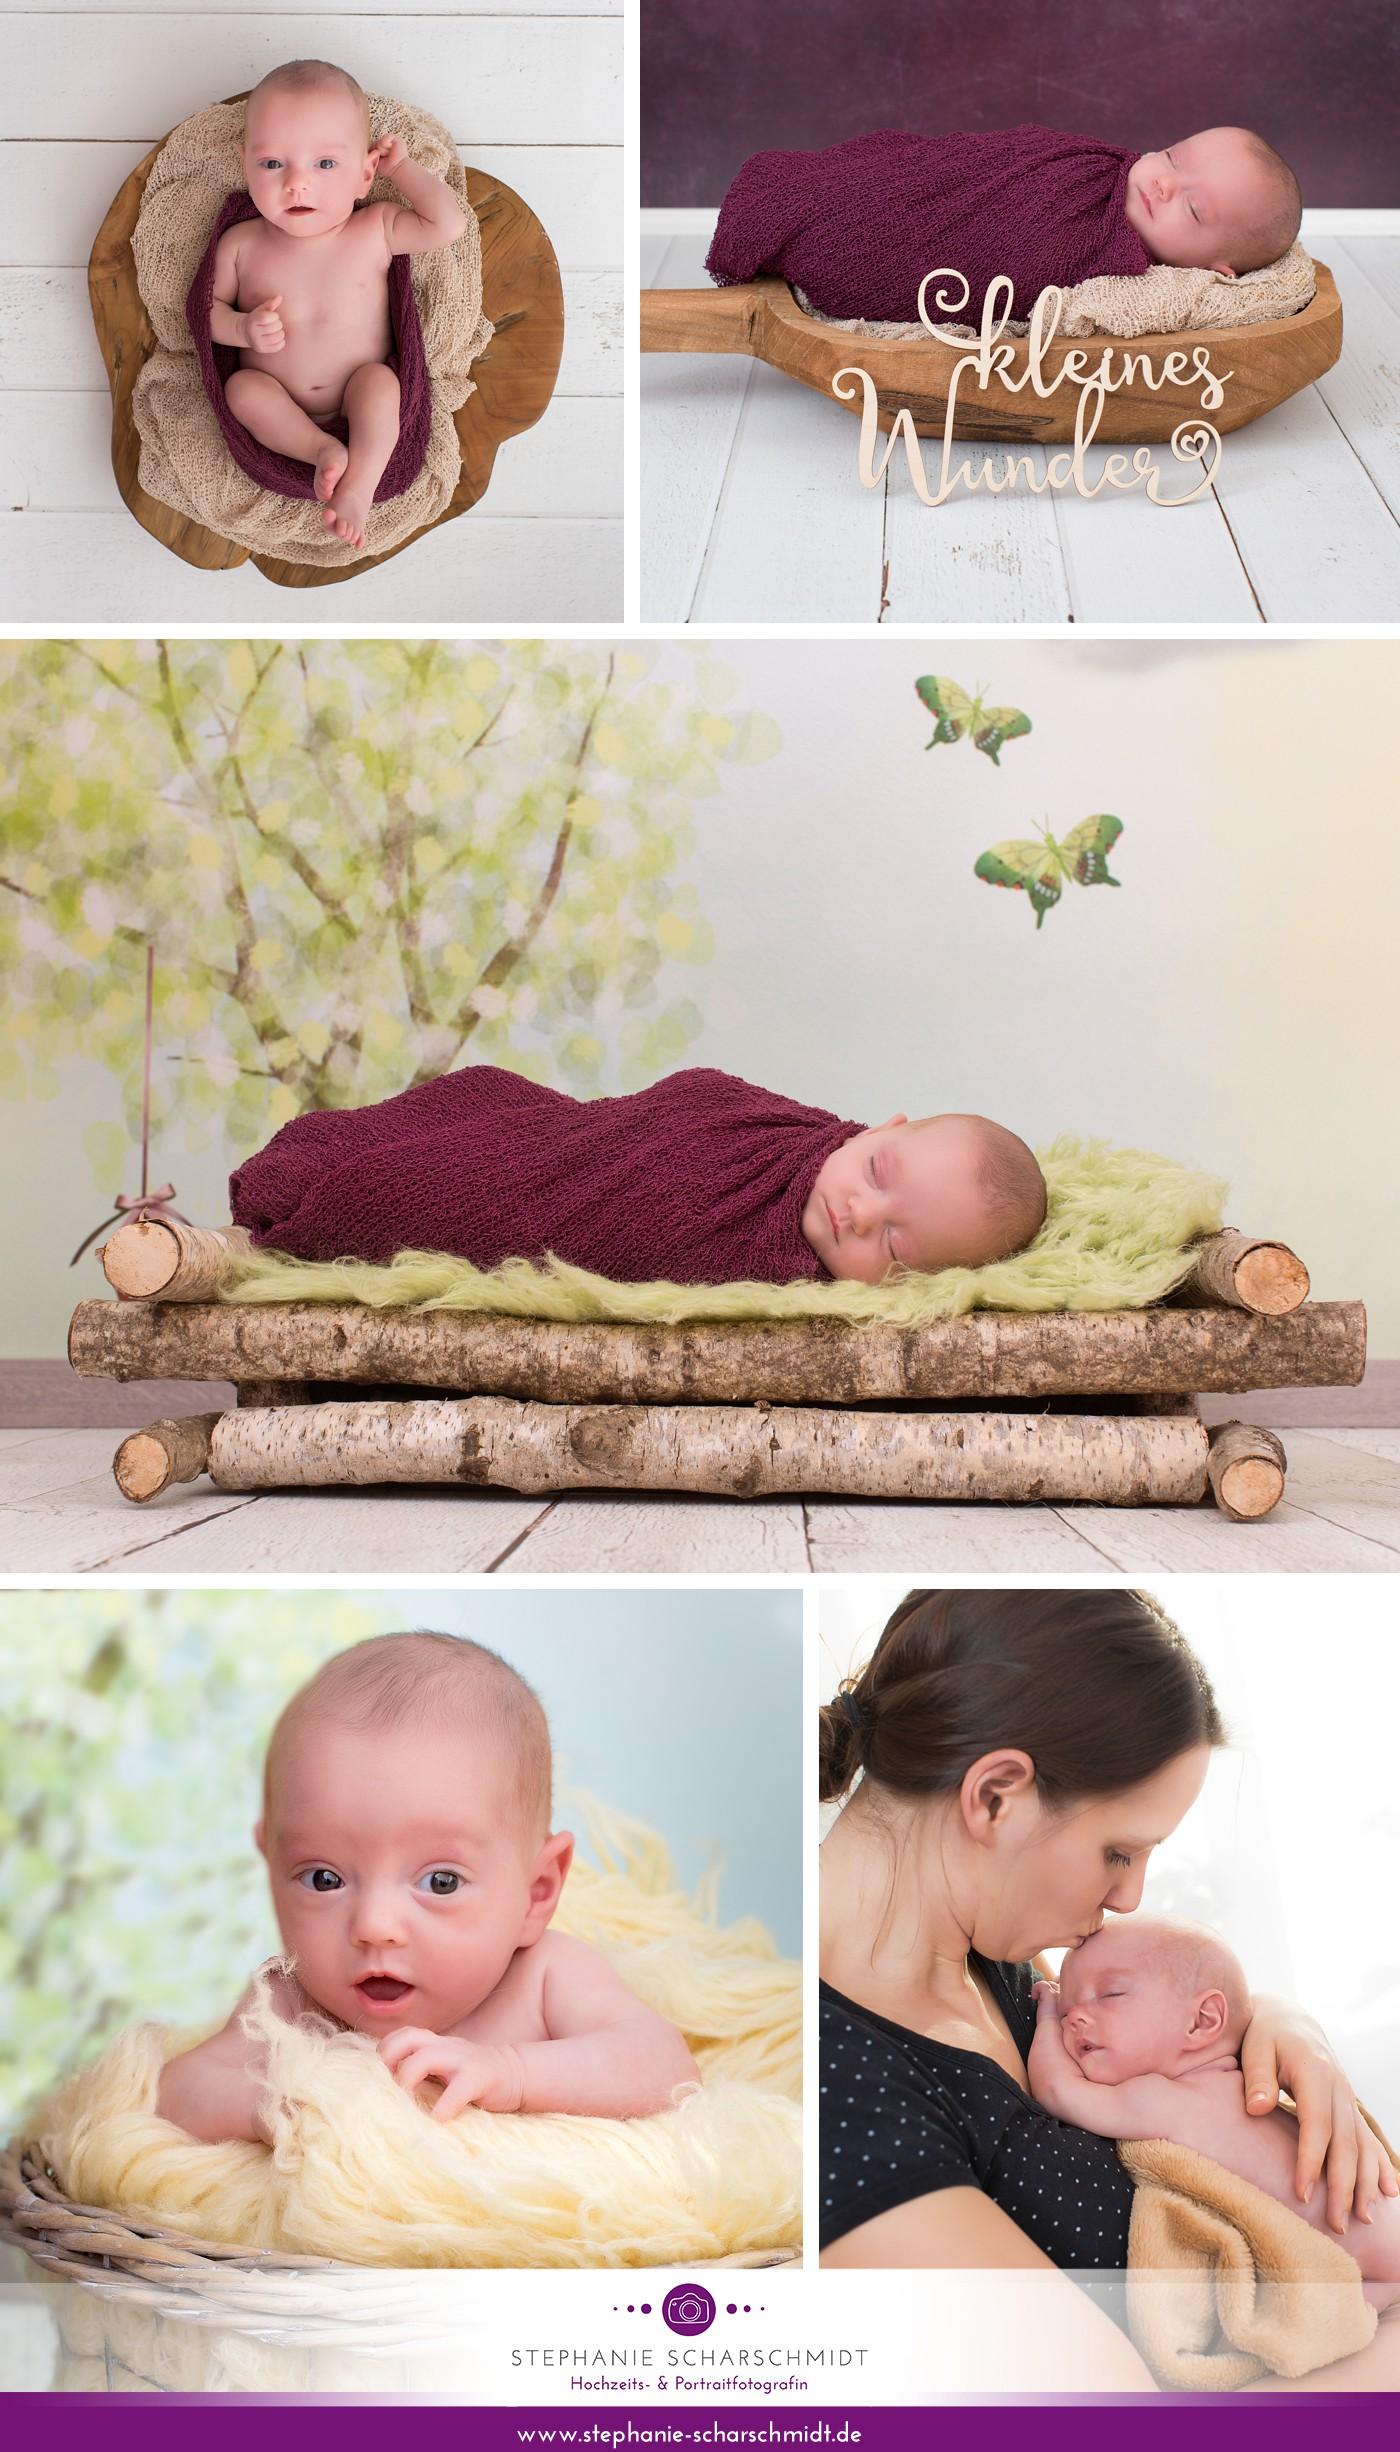 babyshooting Plauen und Zwickau Neugeborenenfotograf Stephanie Scharschmidt